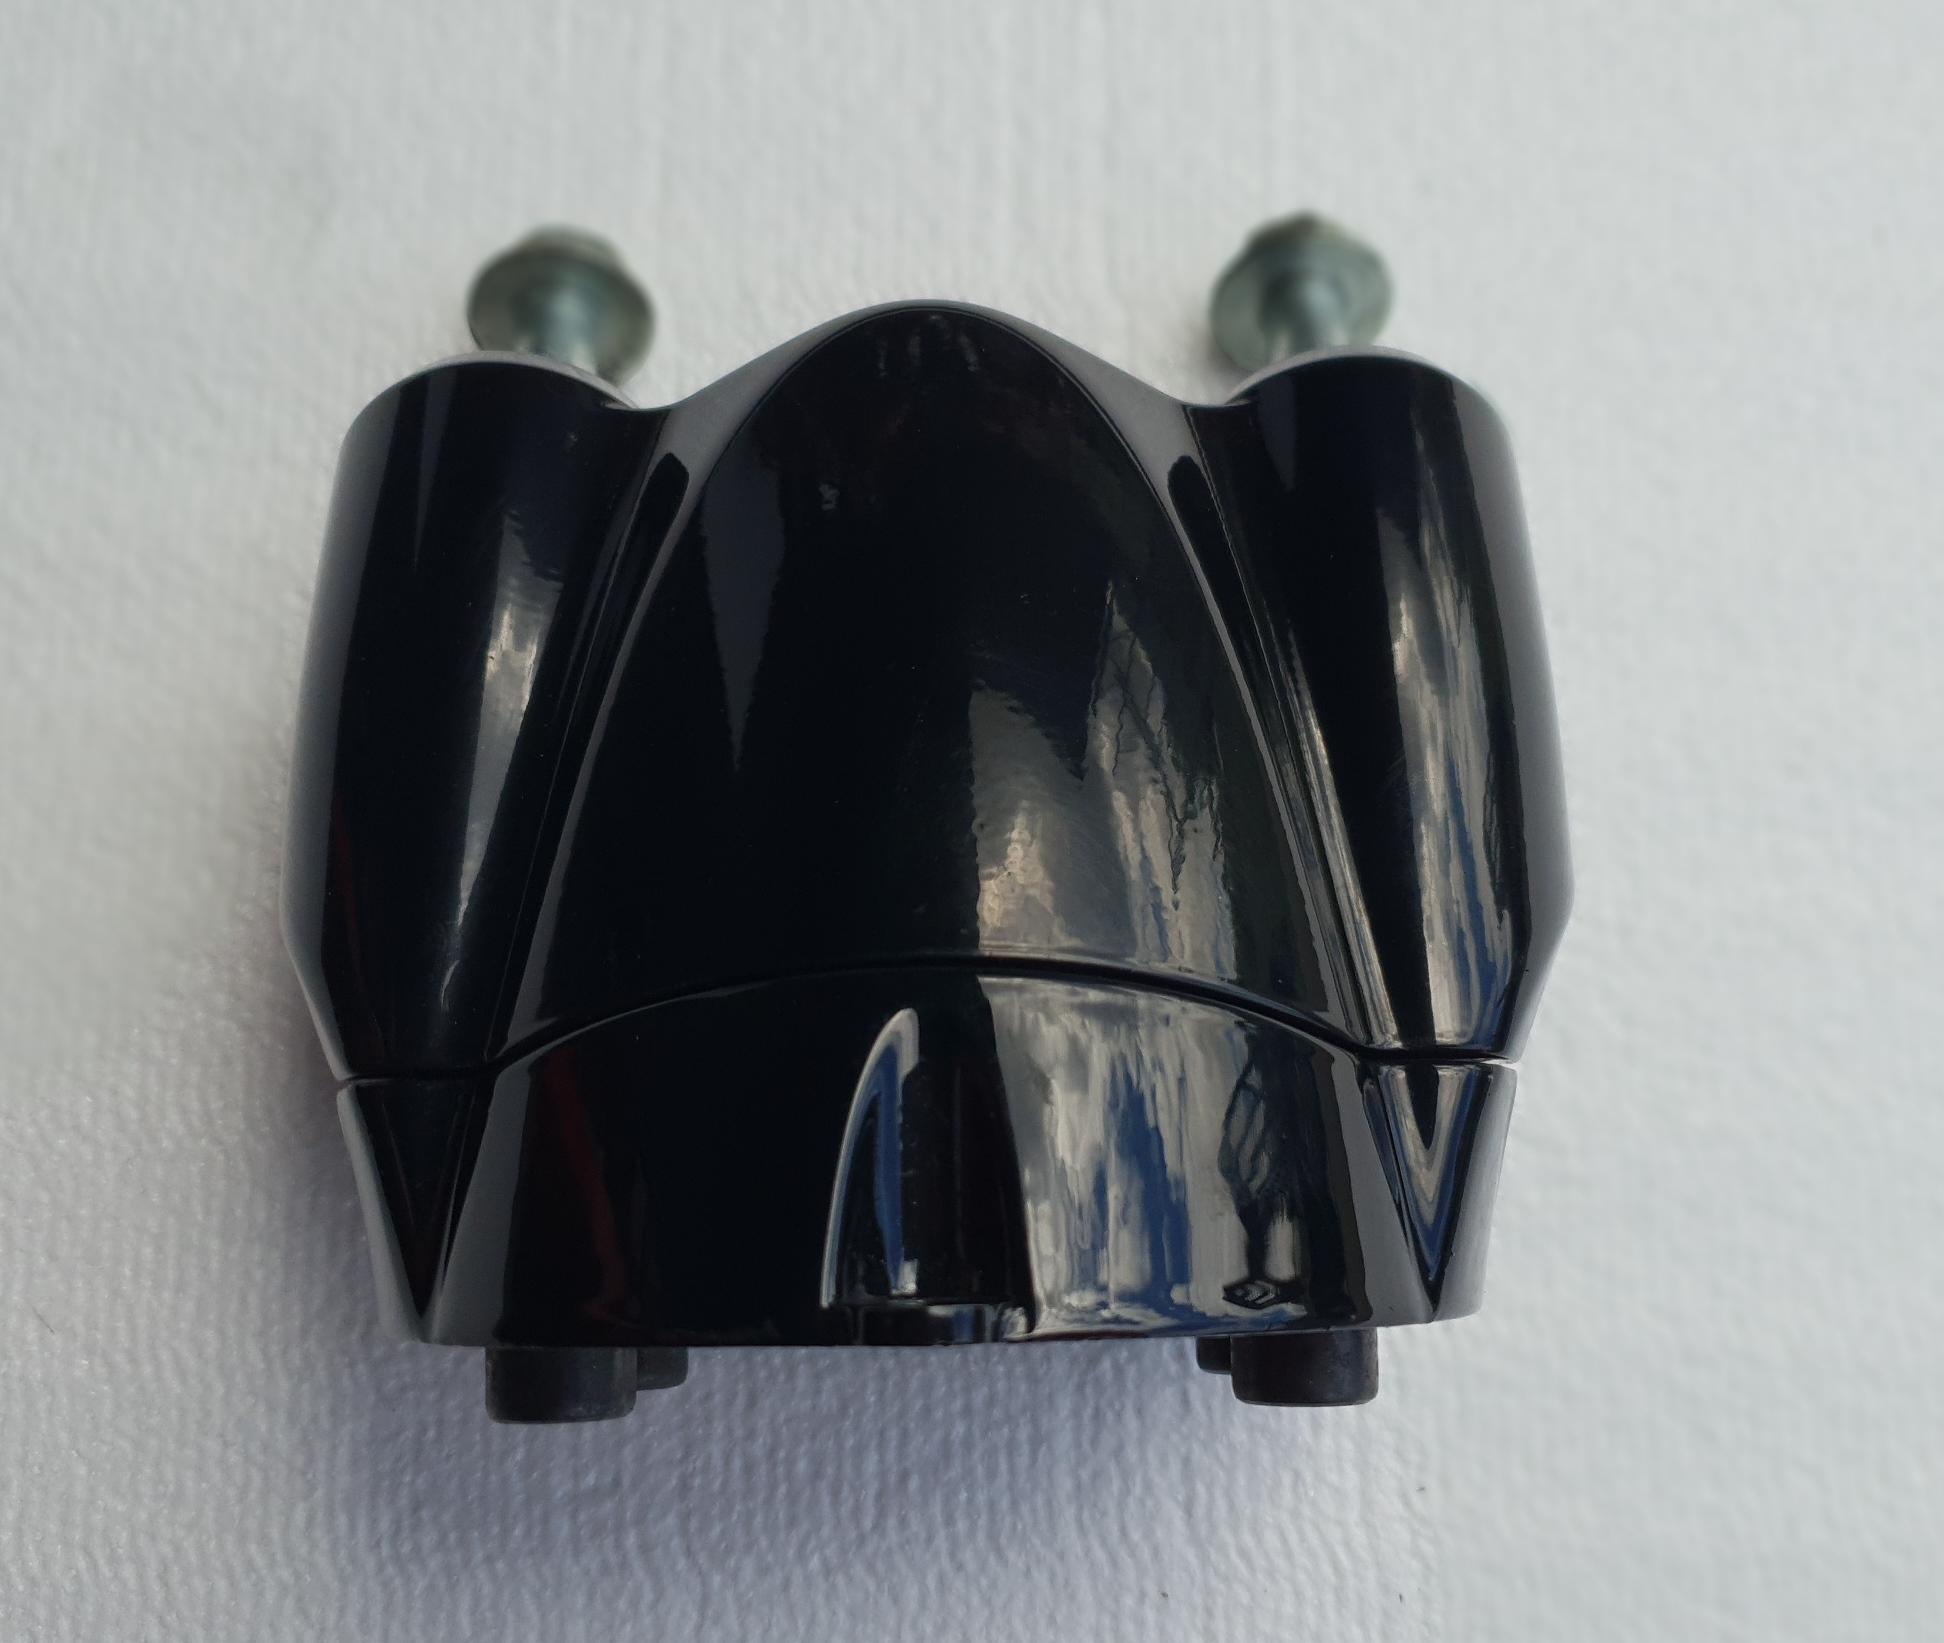 Harley-v-rod -handlebar Riser Clamp Mount- 2006